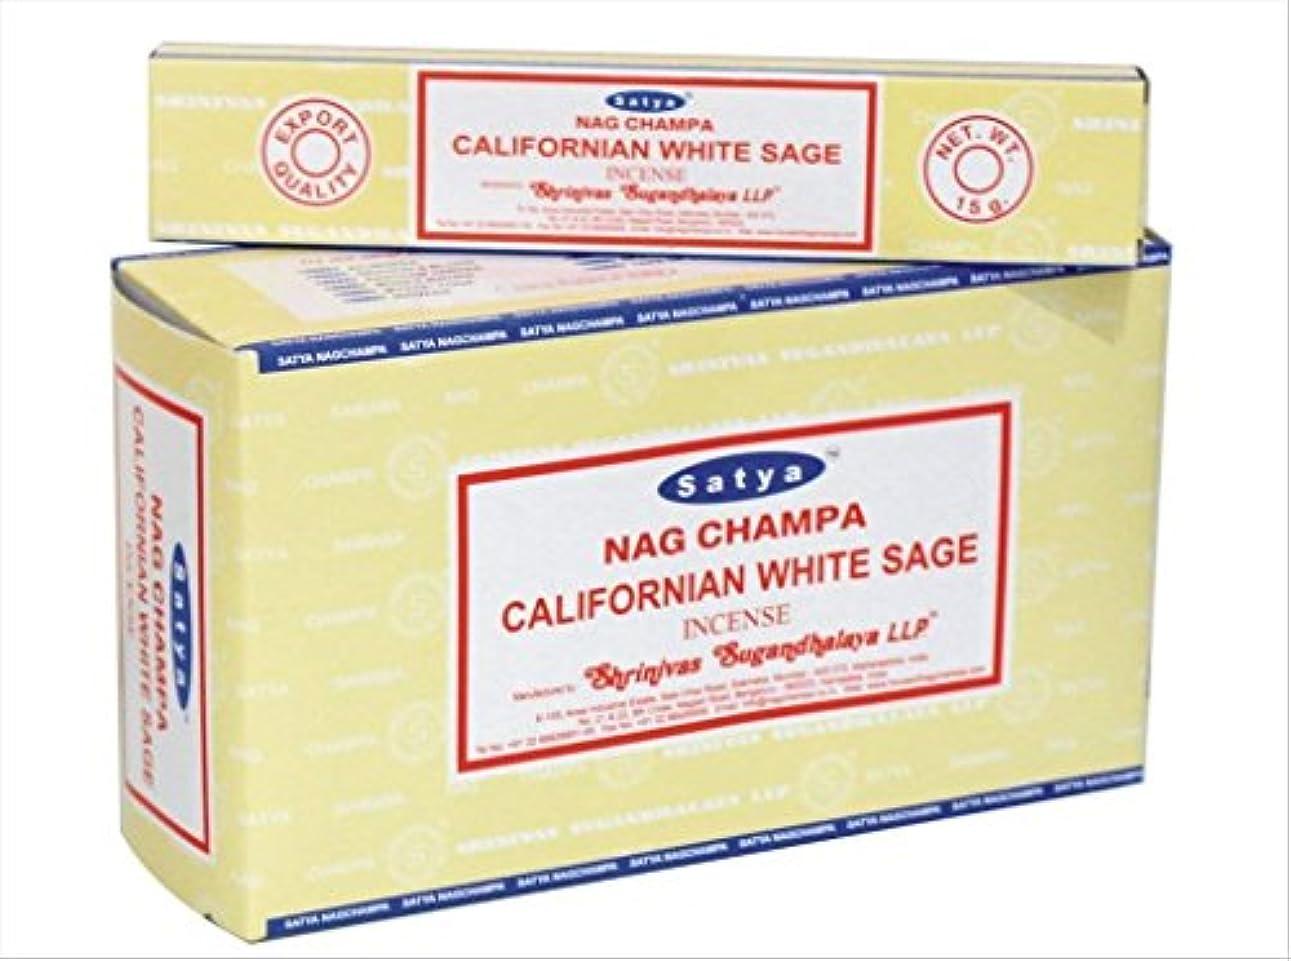 安定した亡命敵chi-city Mall Satya Nag Champa Californianホワイトセージお香|署名Fragrance | Net Wt : 15 g x 12ボックス= 180 g | Exclusivelyインド...